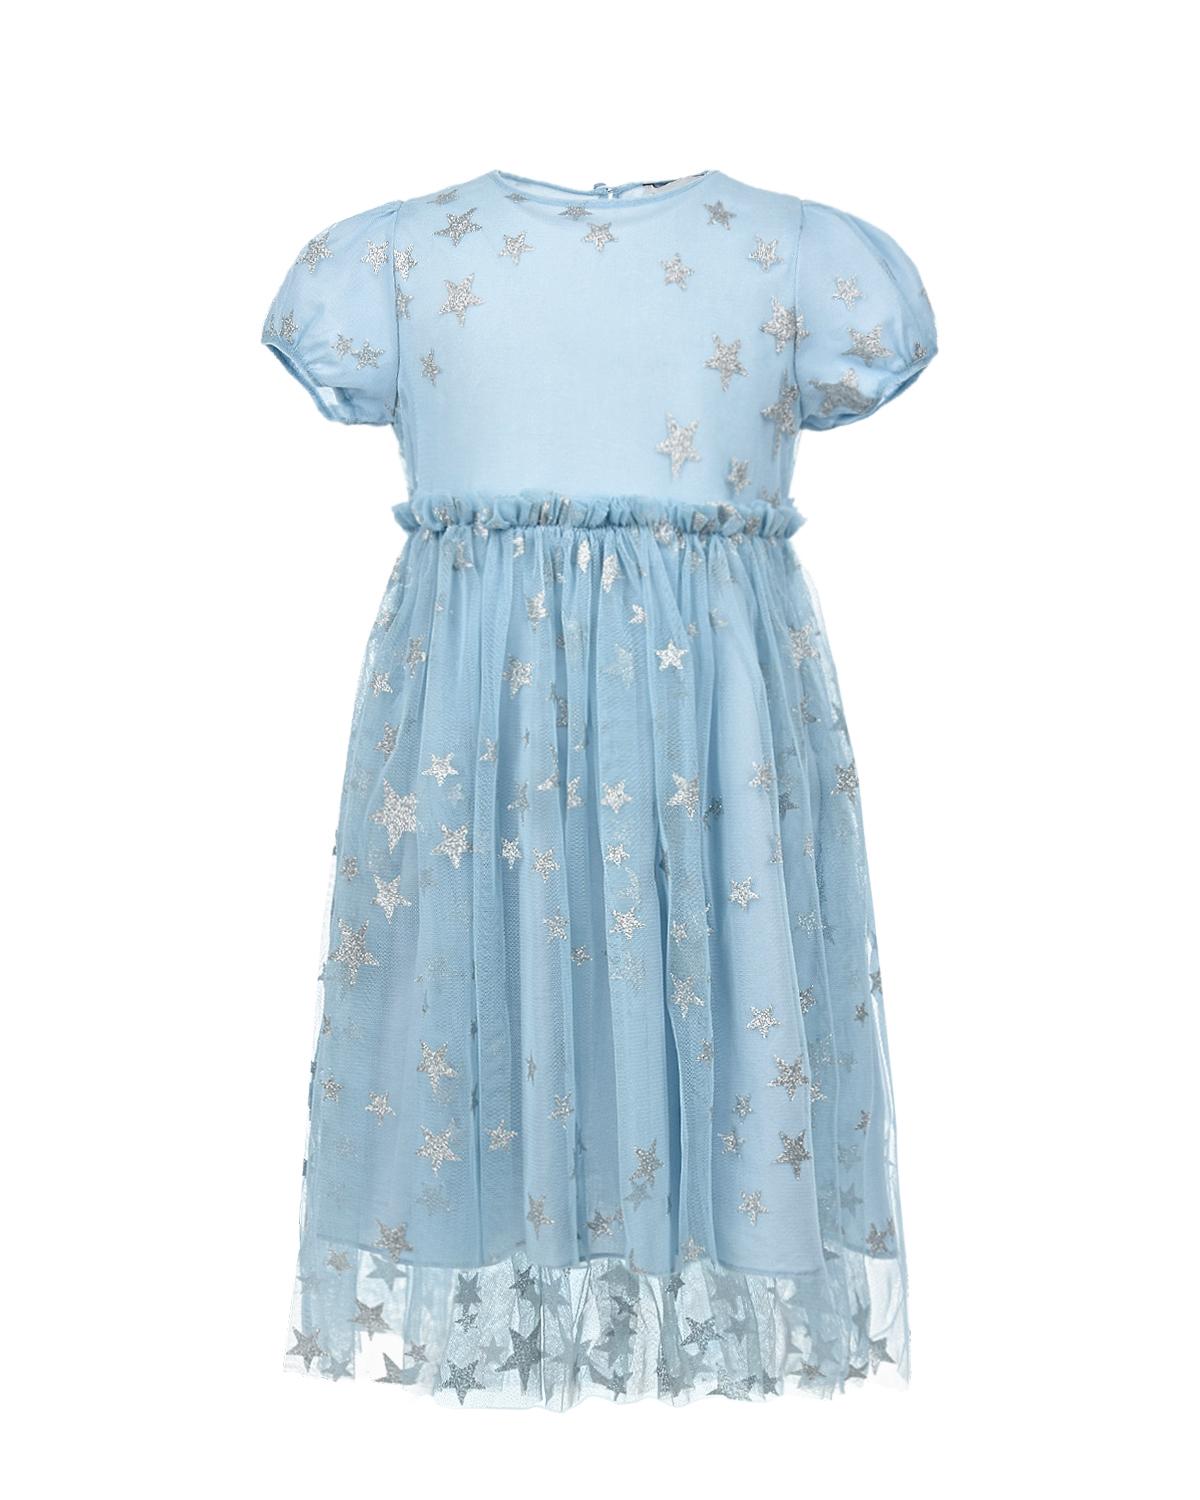 Голубое платье с серебряными звездами Stella McCartney детское, Голубой, 100%полиэстер, 100%хлопок  - купить со скидкой